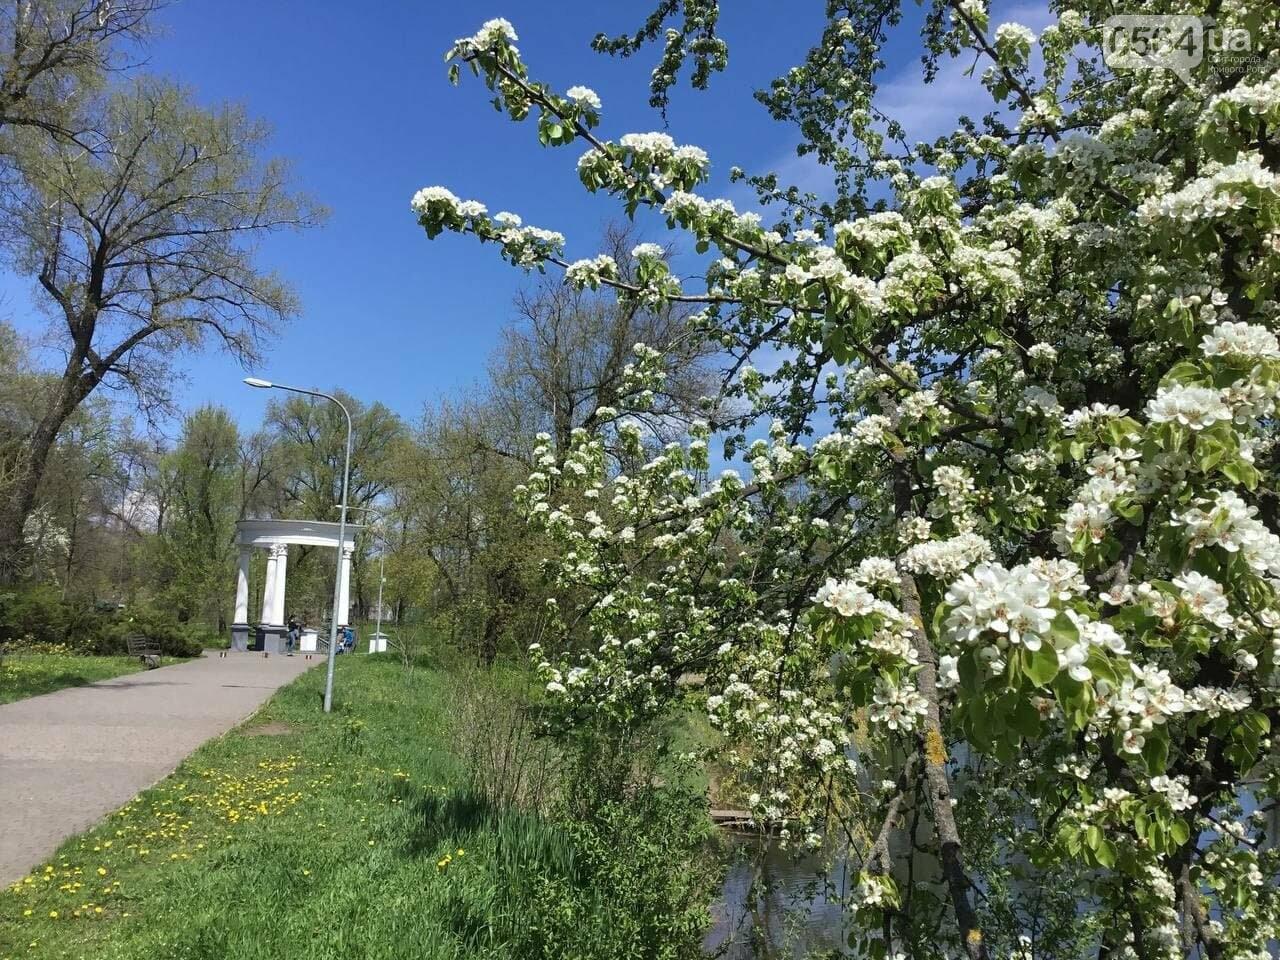 Прогулки, фотосессии, отдых на природе, - как криворожане провели первые дни мая, - ФОТО, ВИДЕО, фото-11